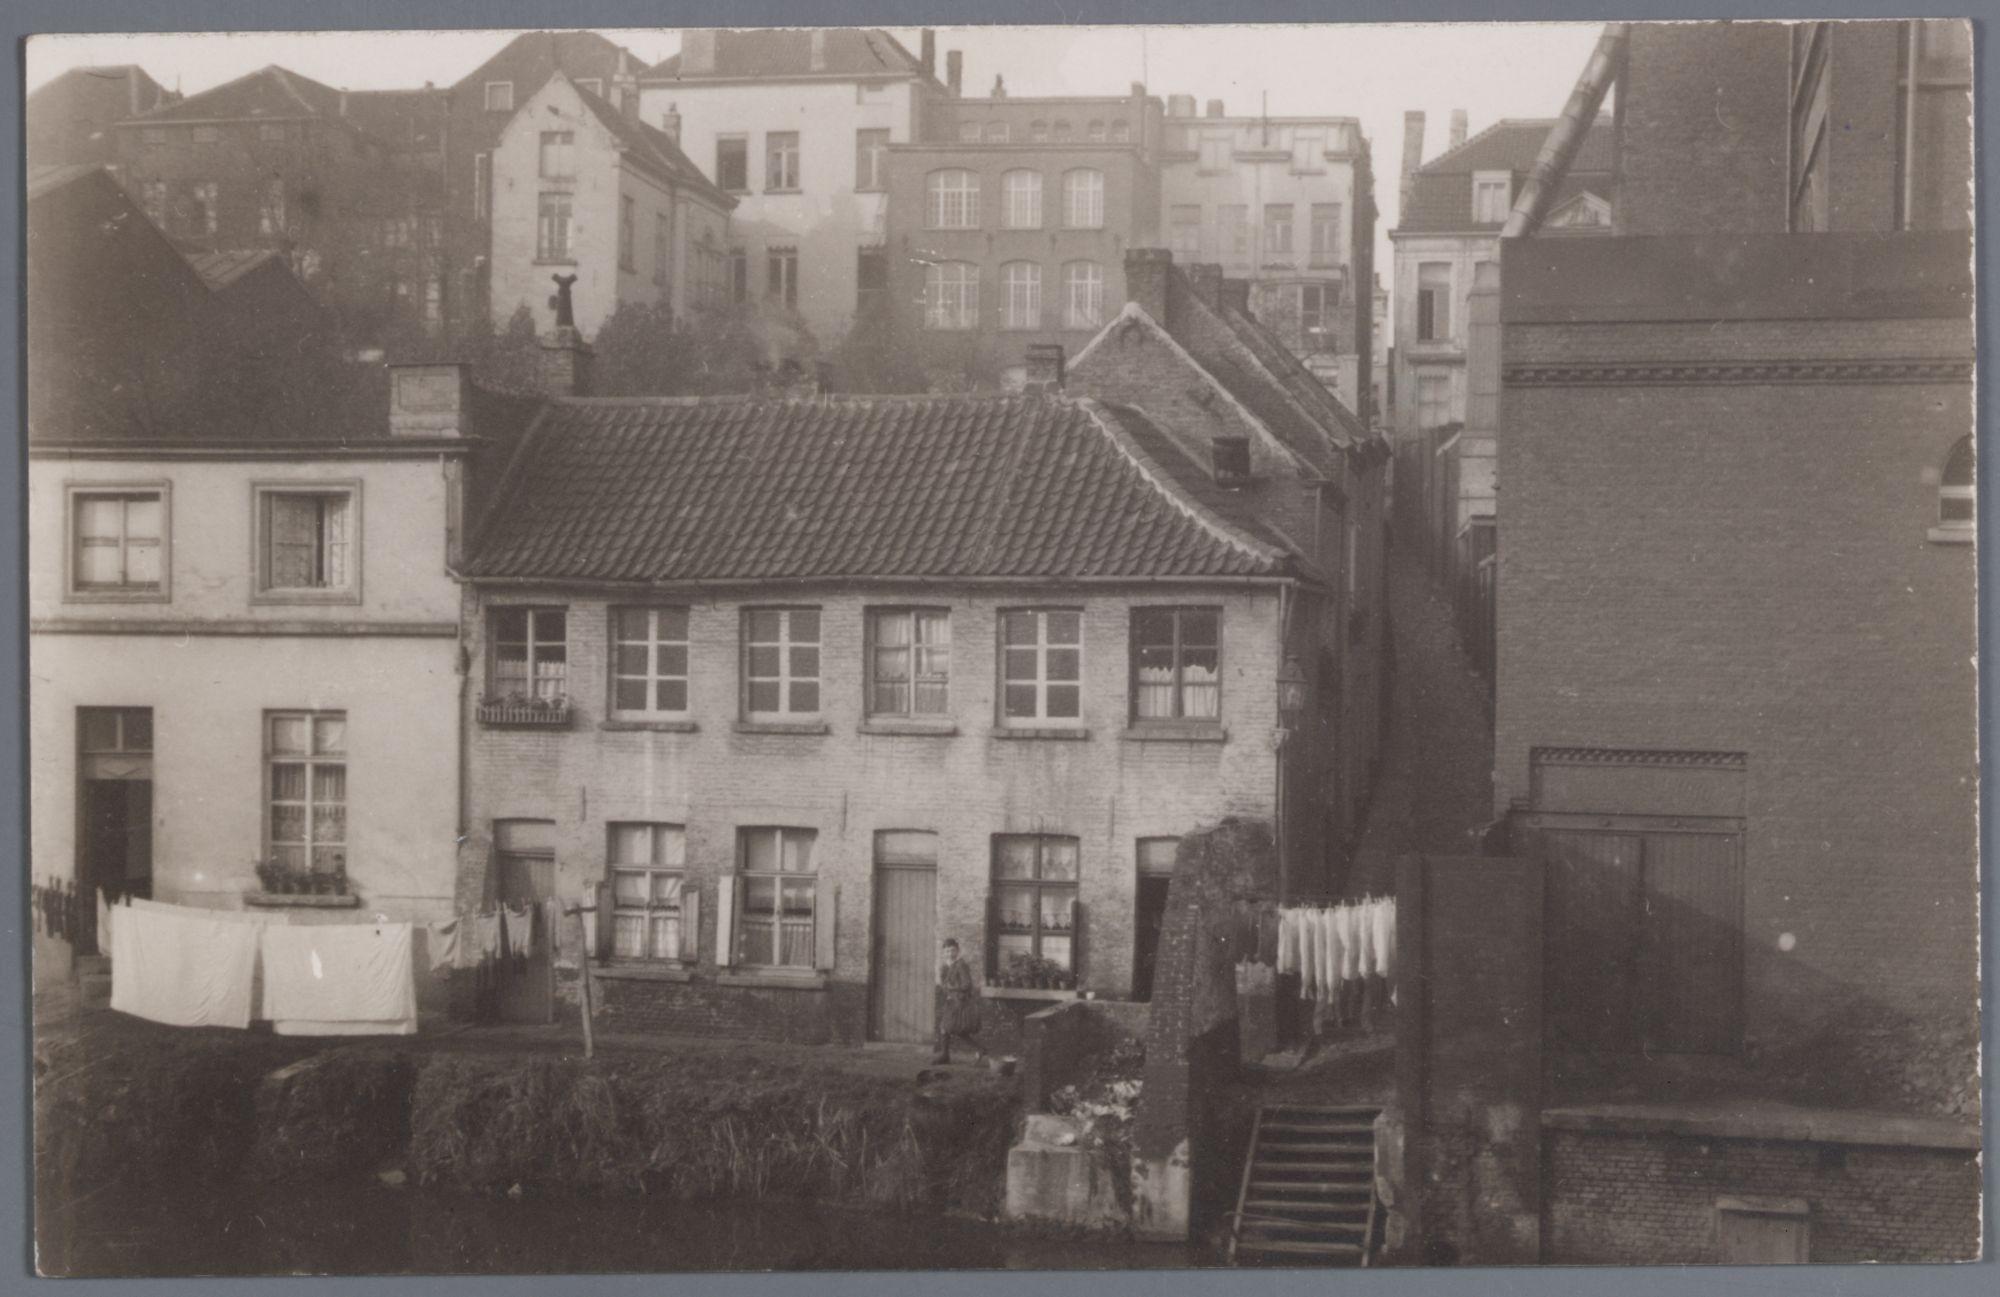 Gent: zicht op huizen langs de Schelde, aan de Muinkkaai (?)